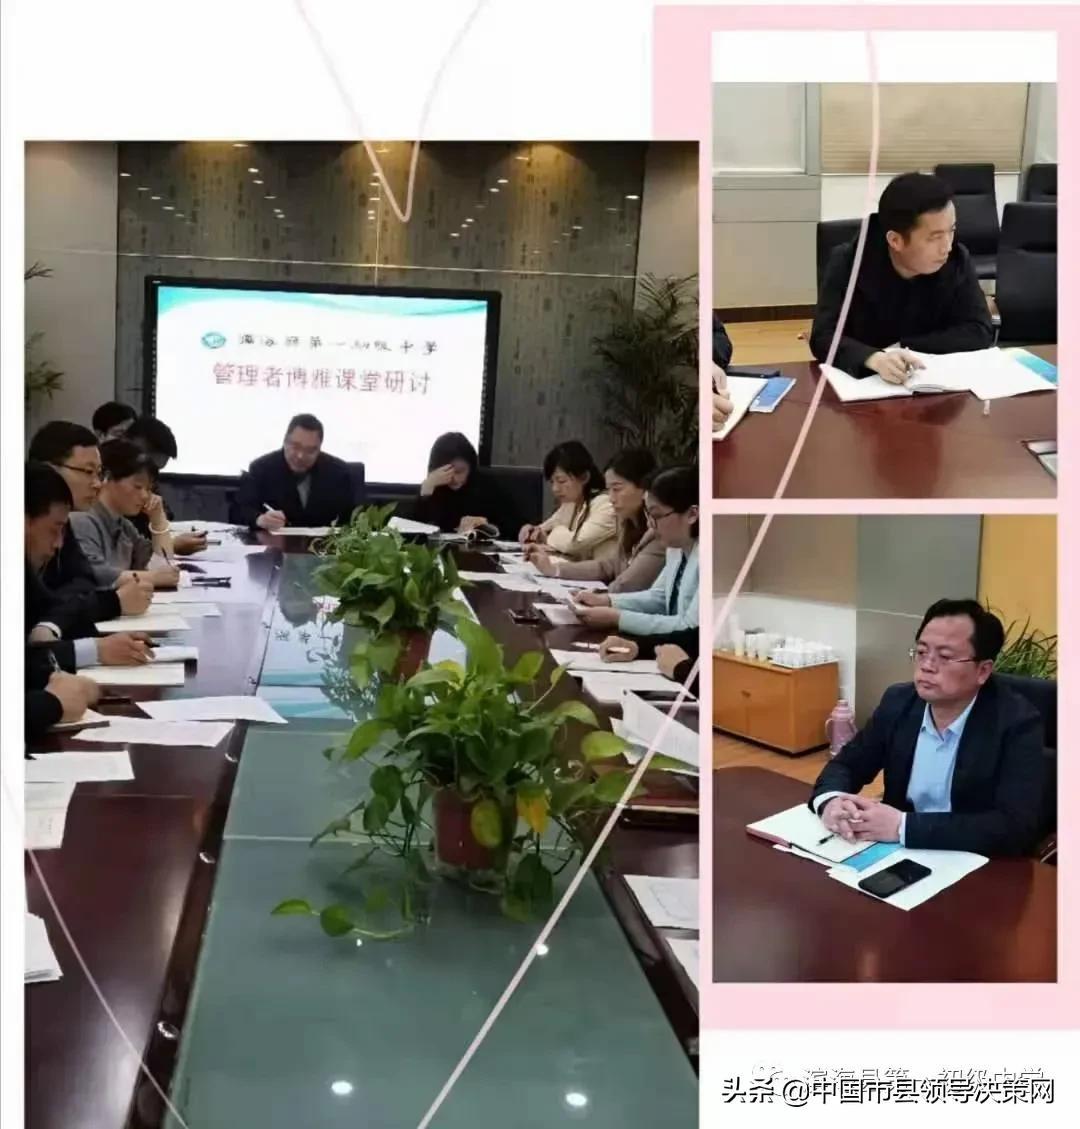 江苏滨海县一中开展博雅课堂领导研讨课活动